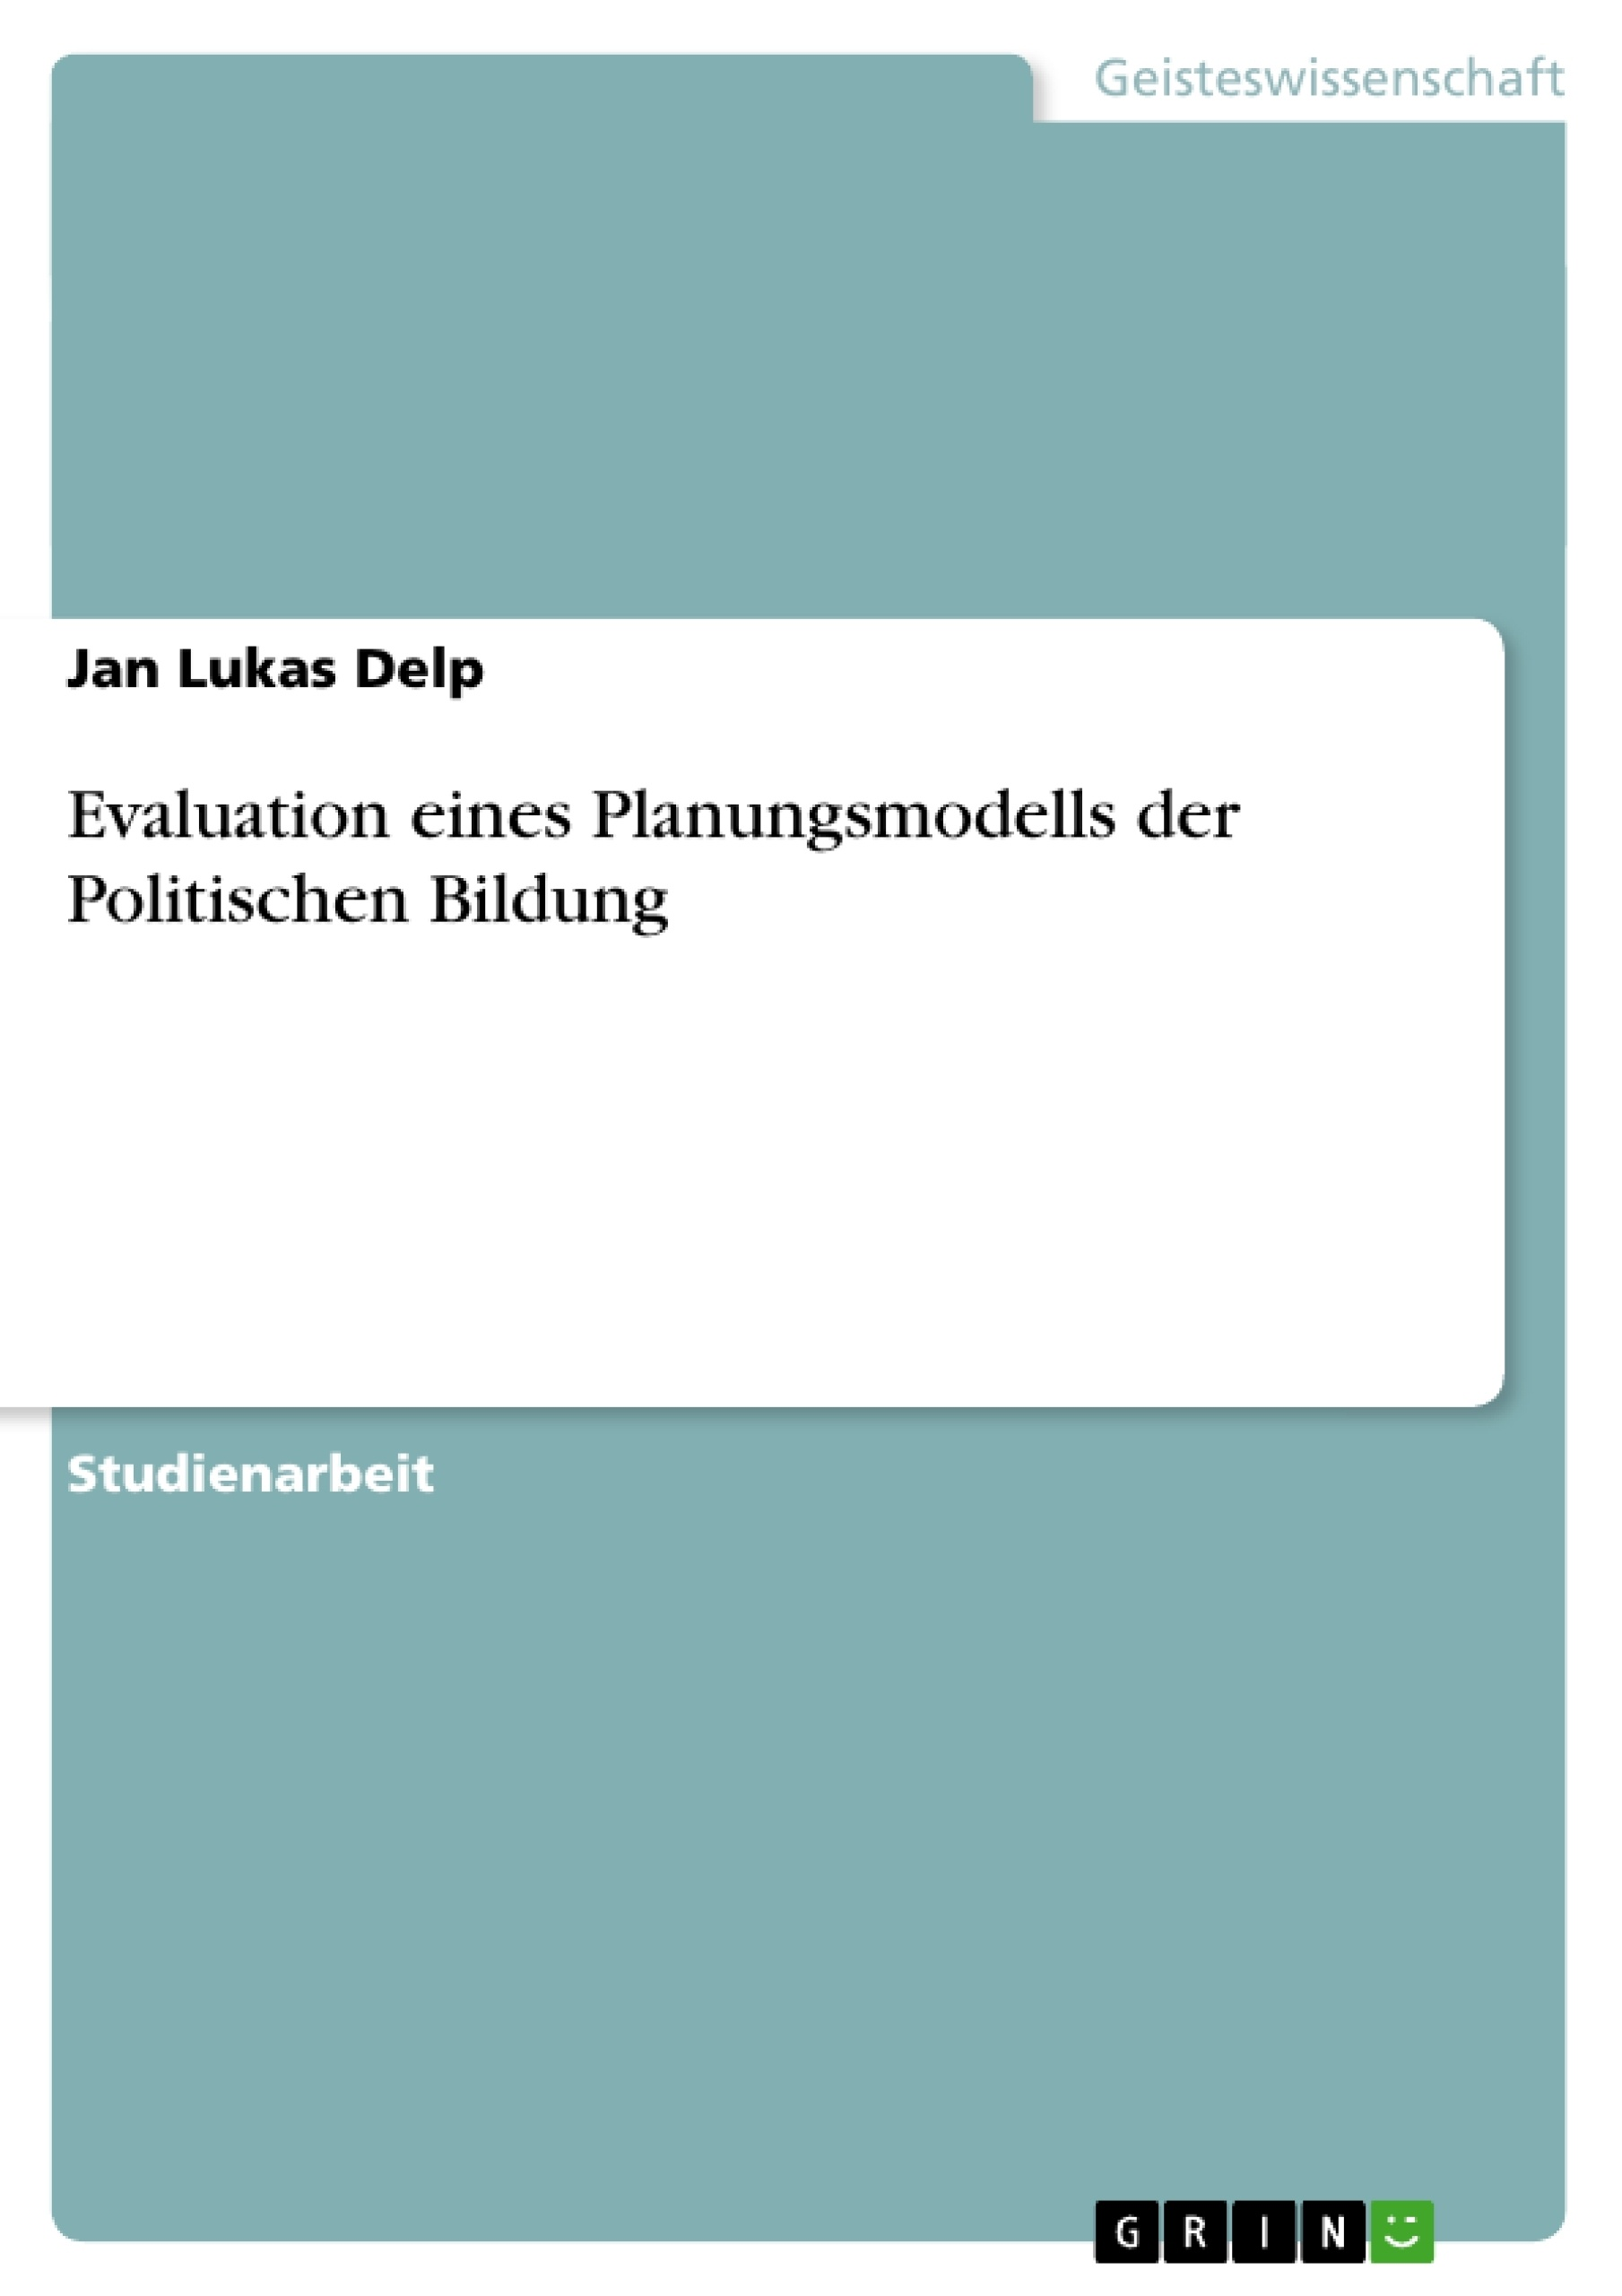 Titel: Evaluation eines Planungsmodells der Politischen Bildung